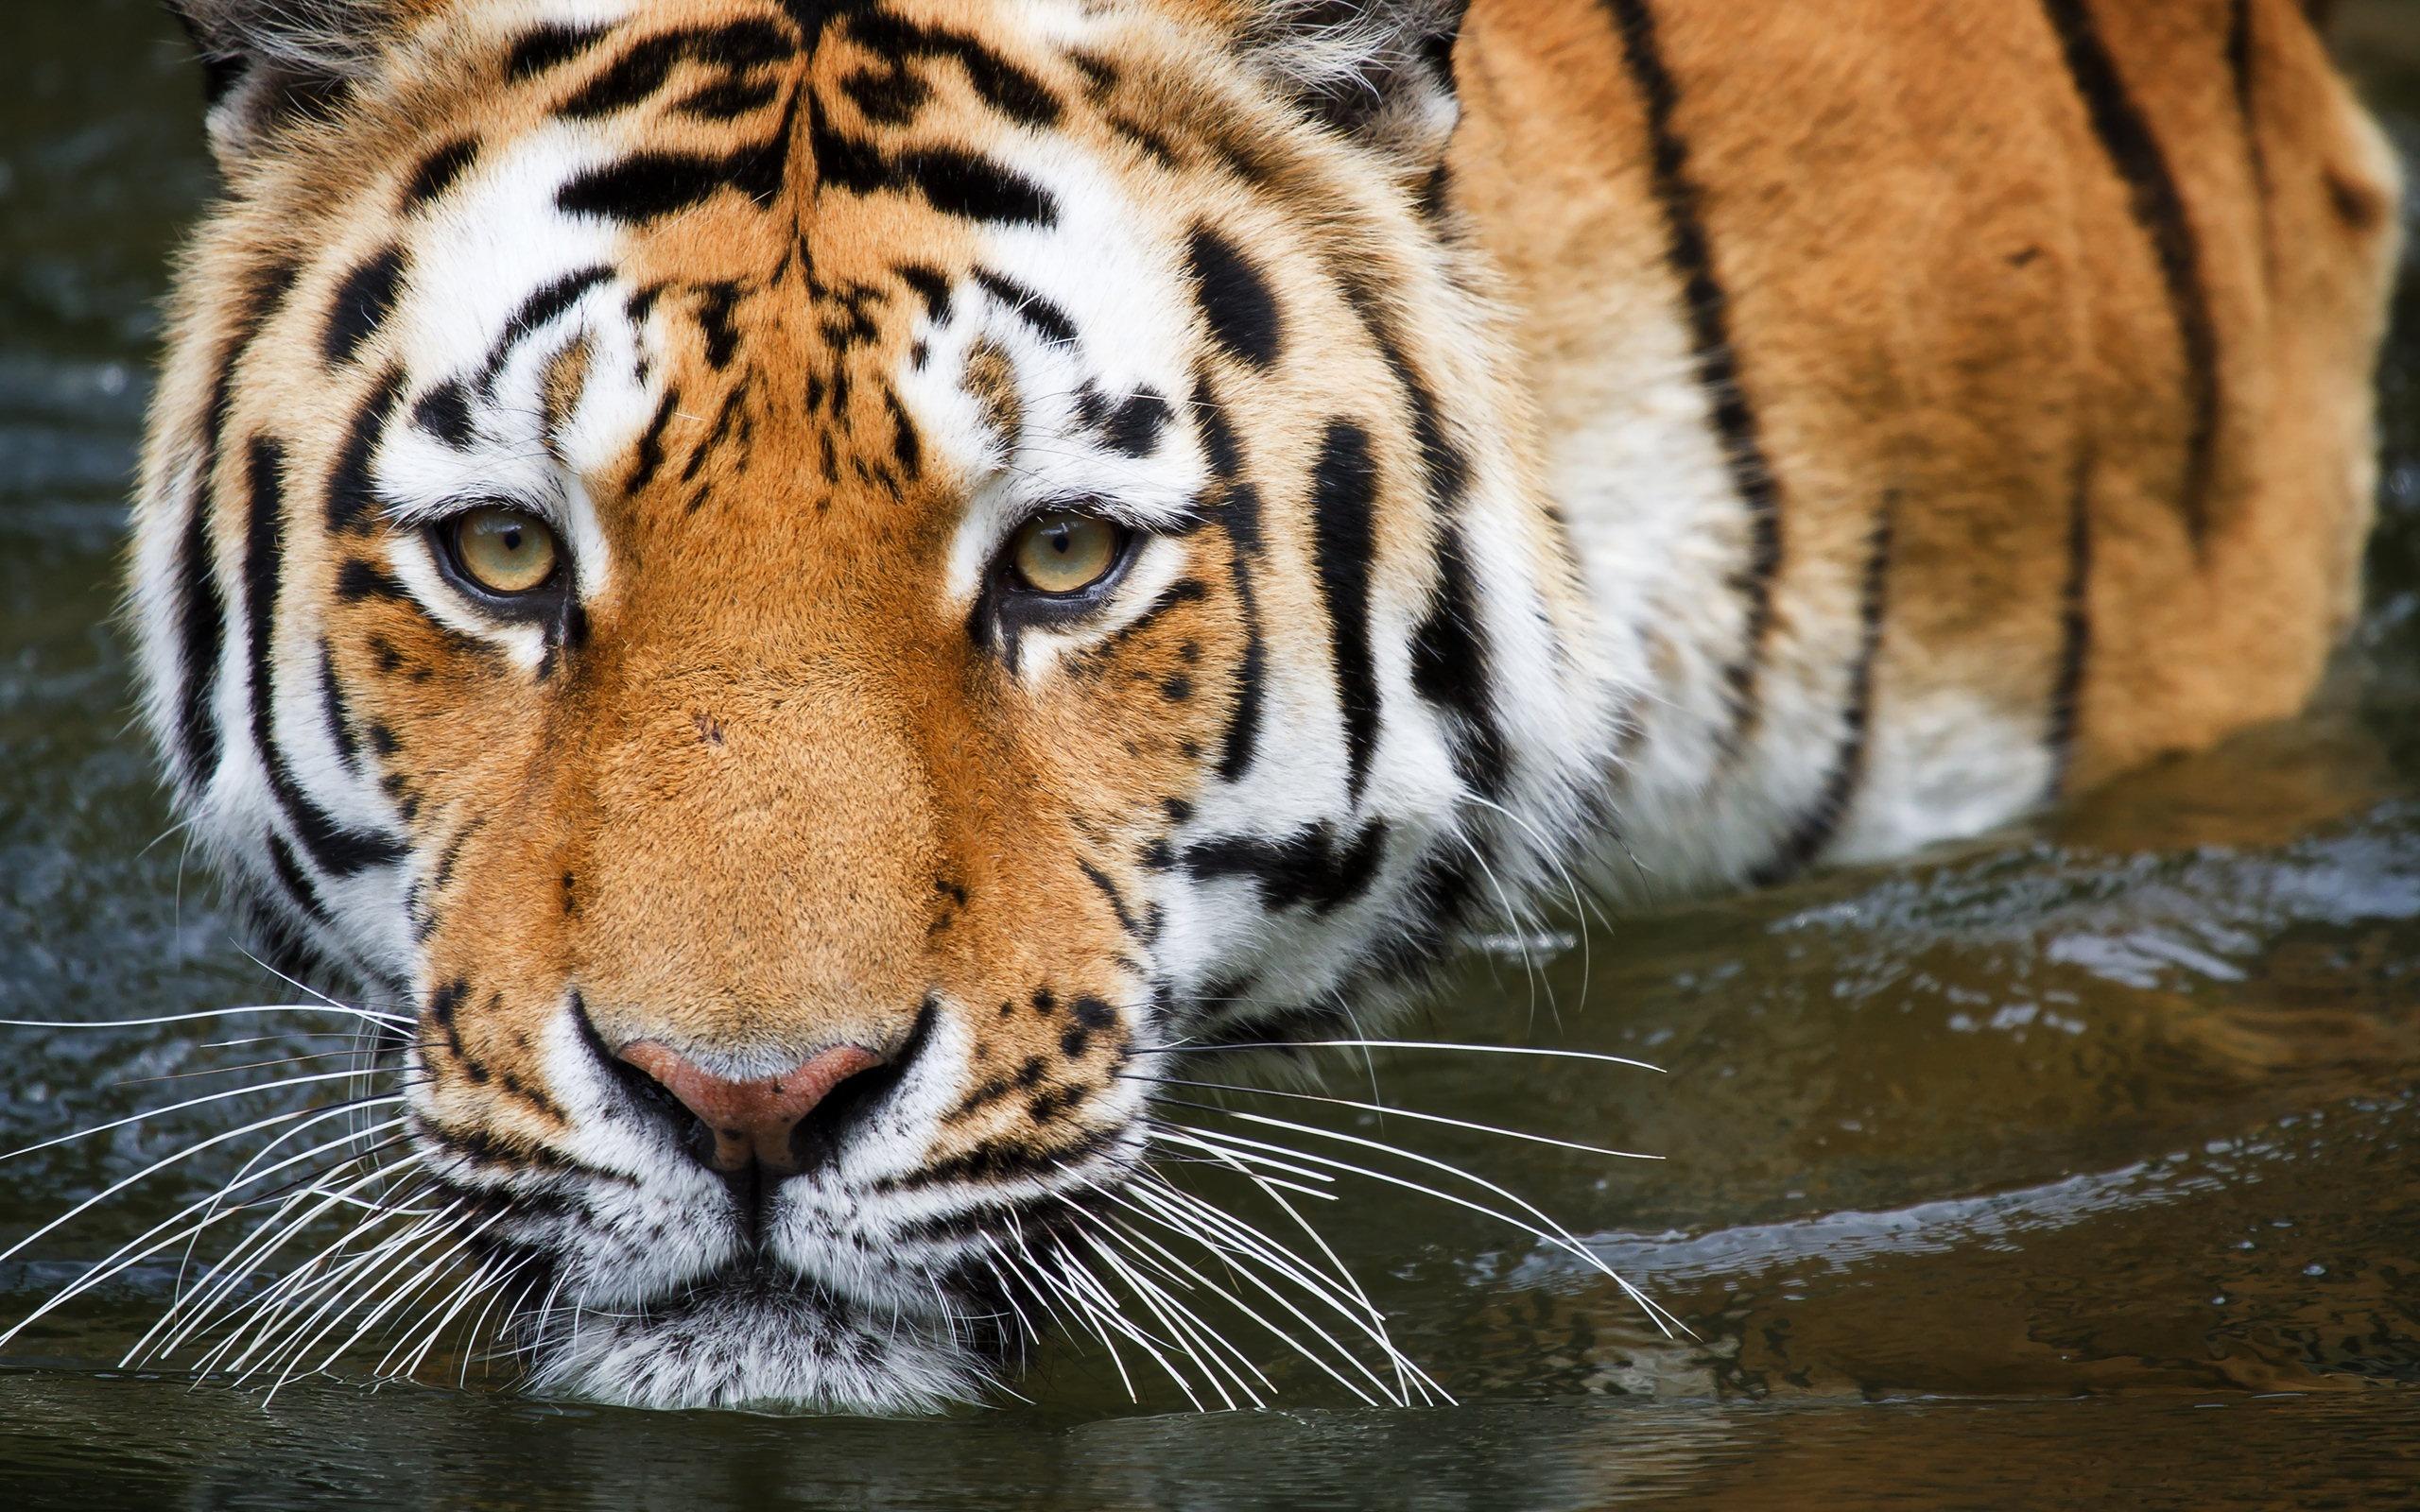 Bengal Tiger Wallpapers - WallpaperSafari